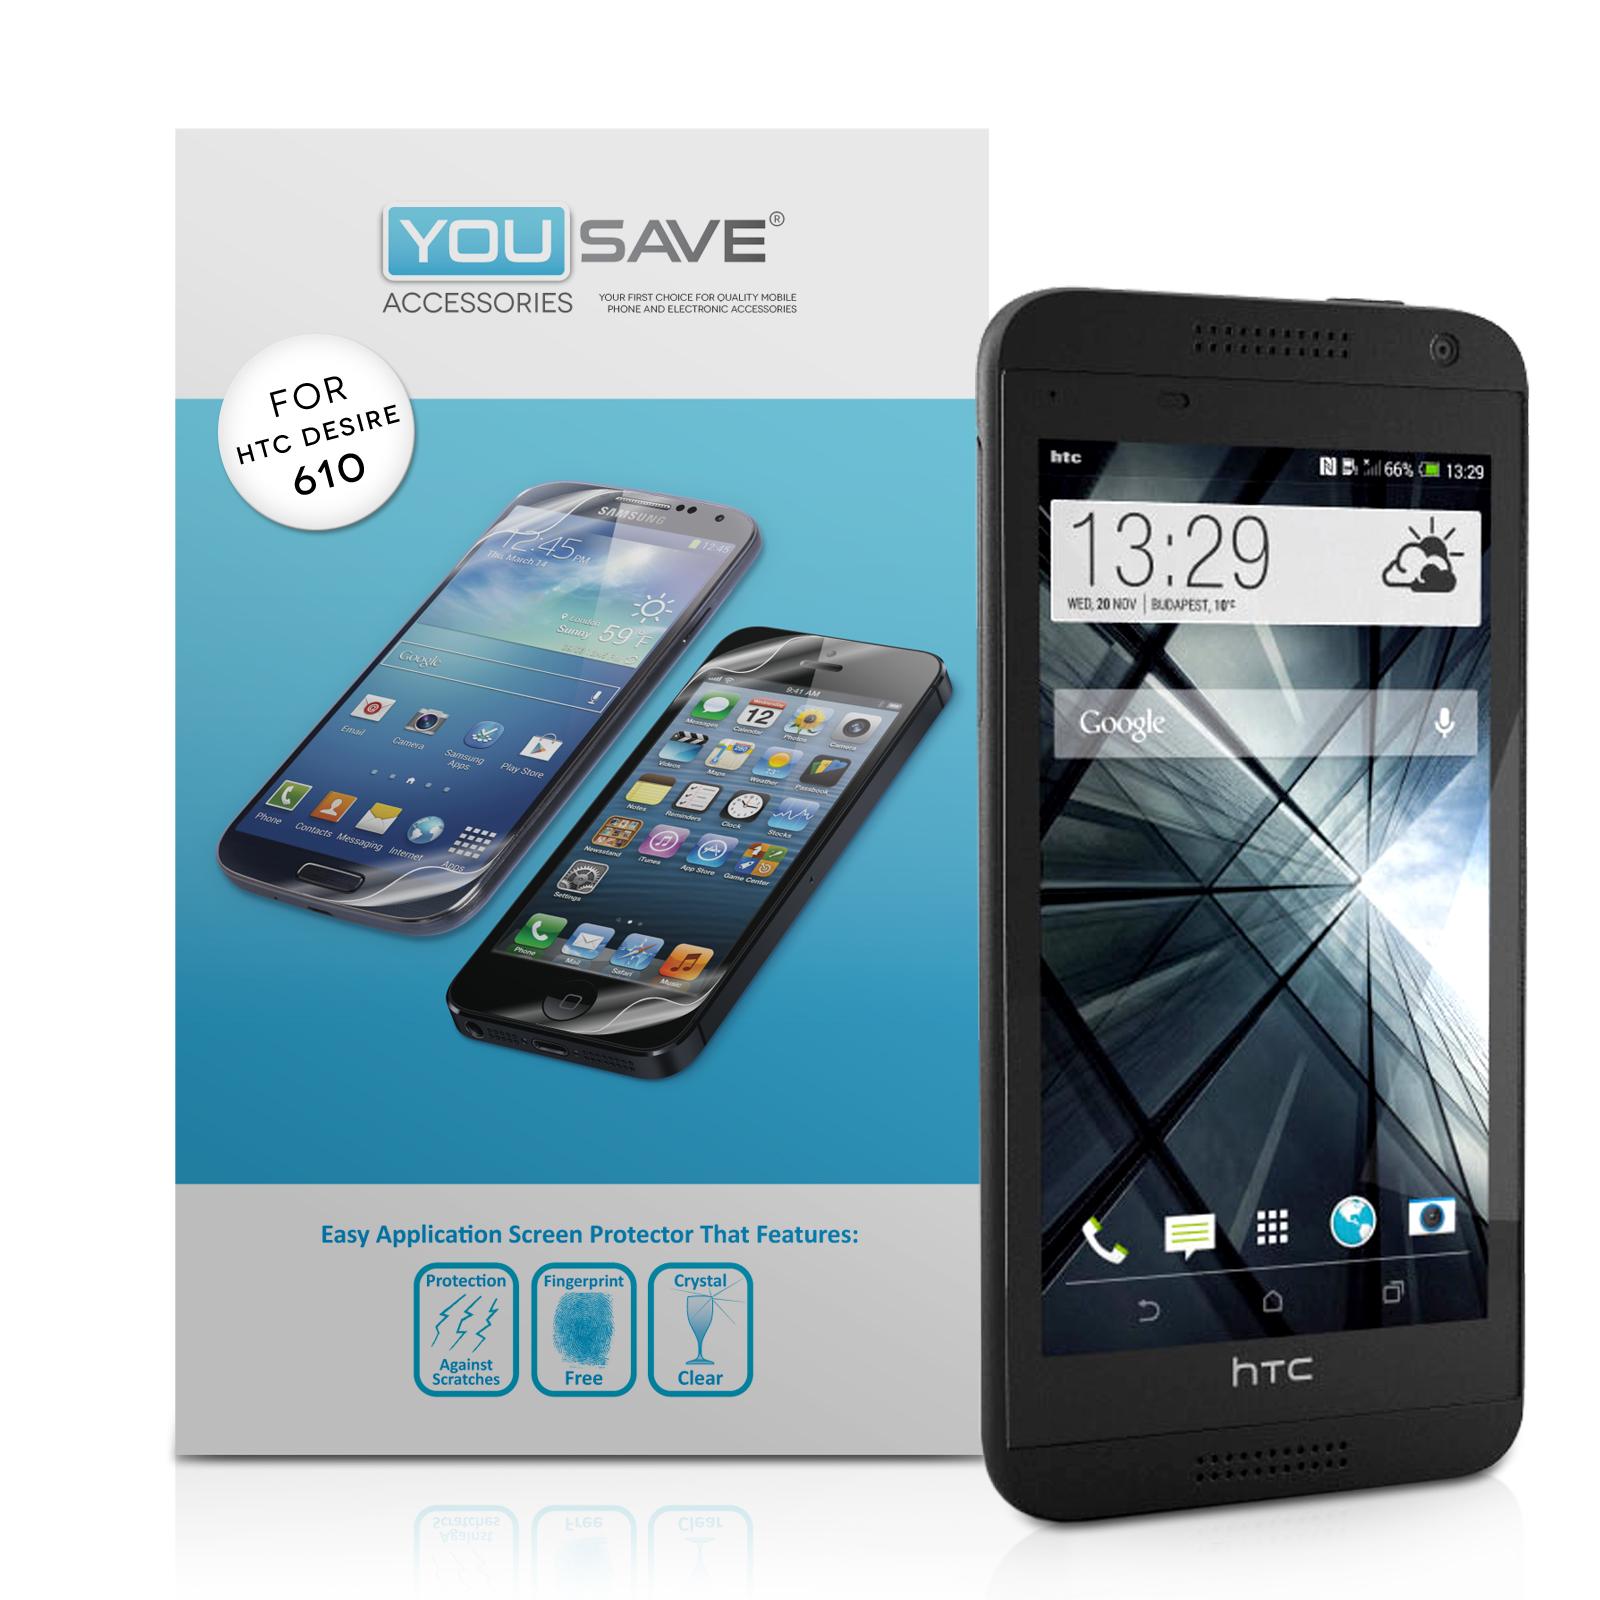 Μεμβράνη Προστασίας Οθόνης HTC Desire 610 by Yousave - 3 Τεμάχια (Z453)